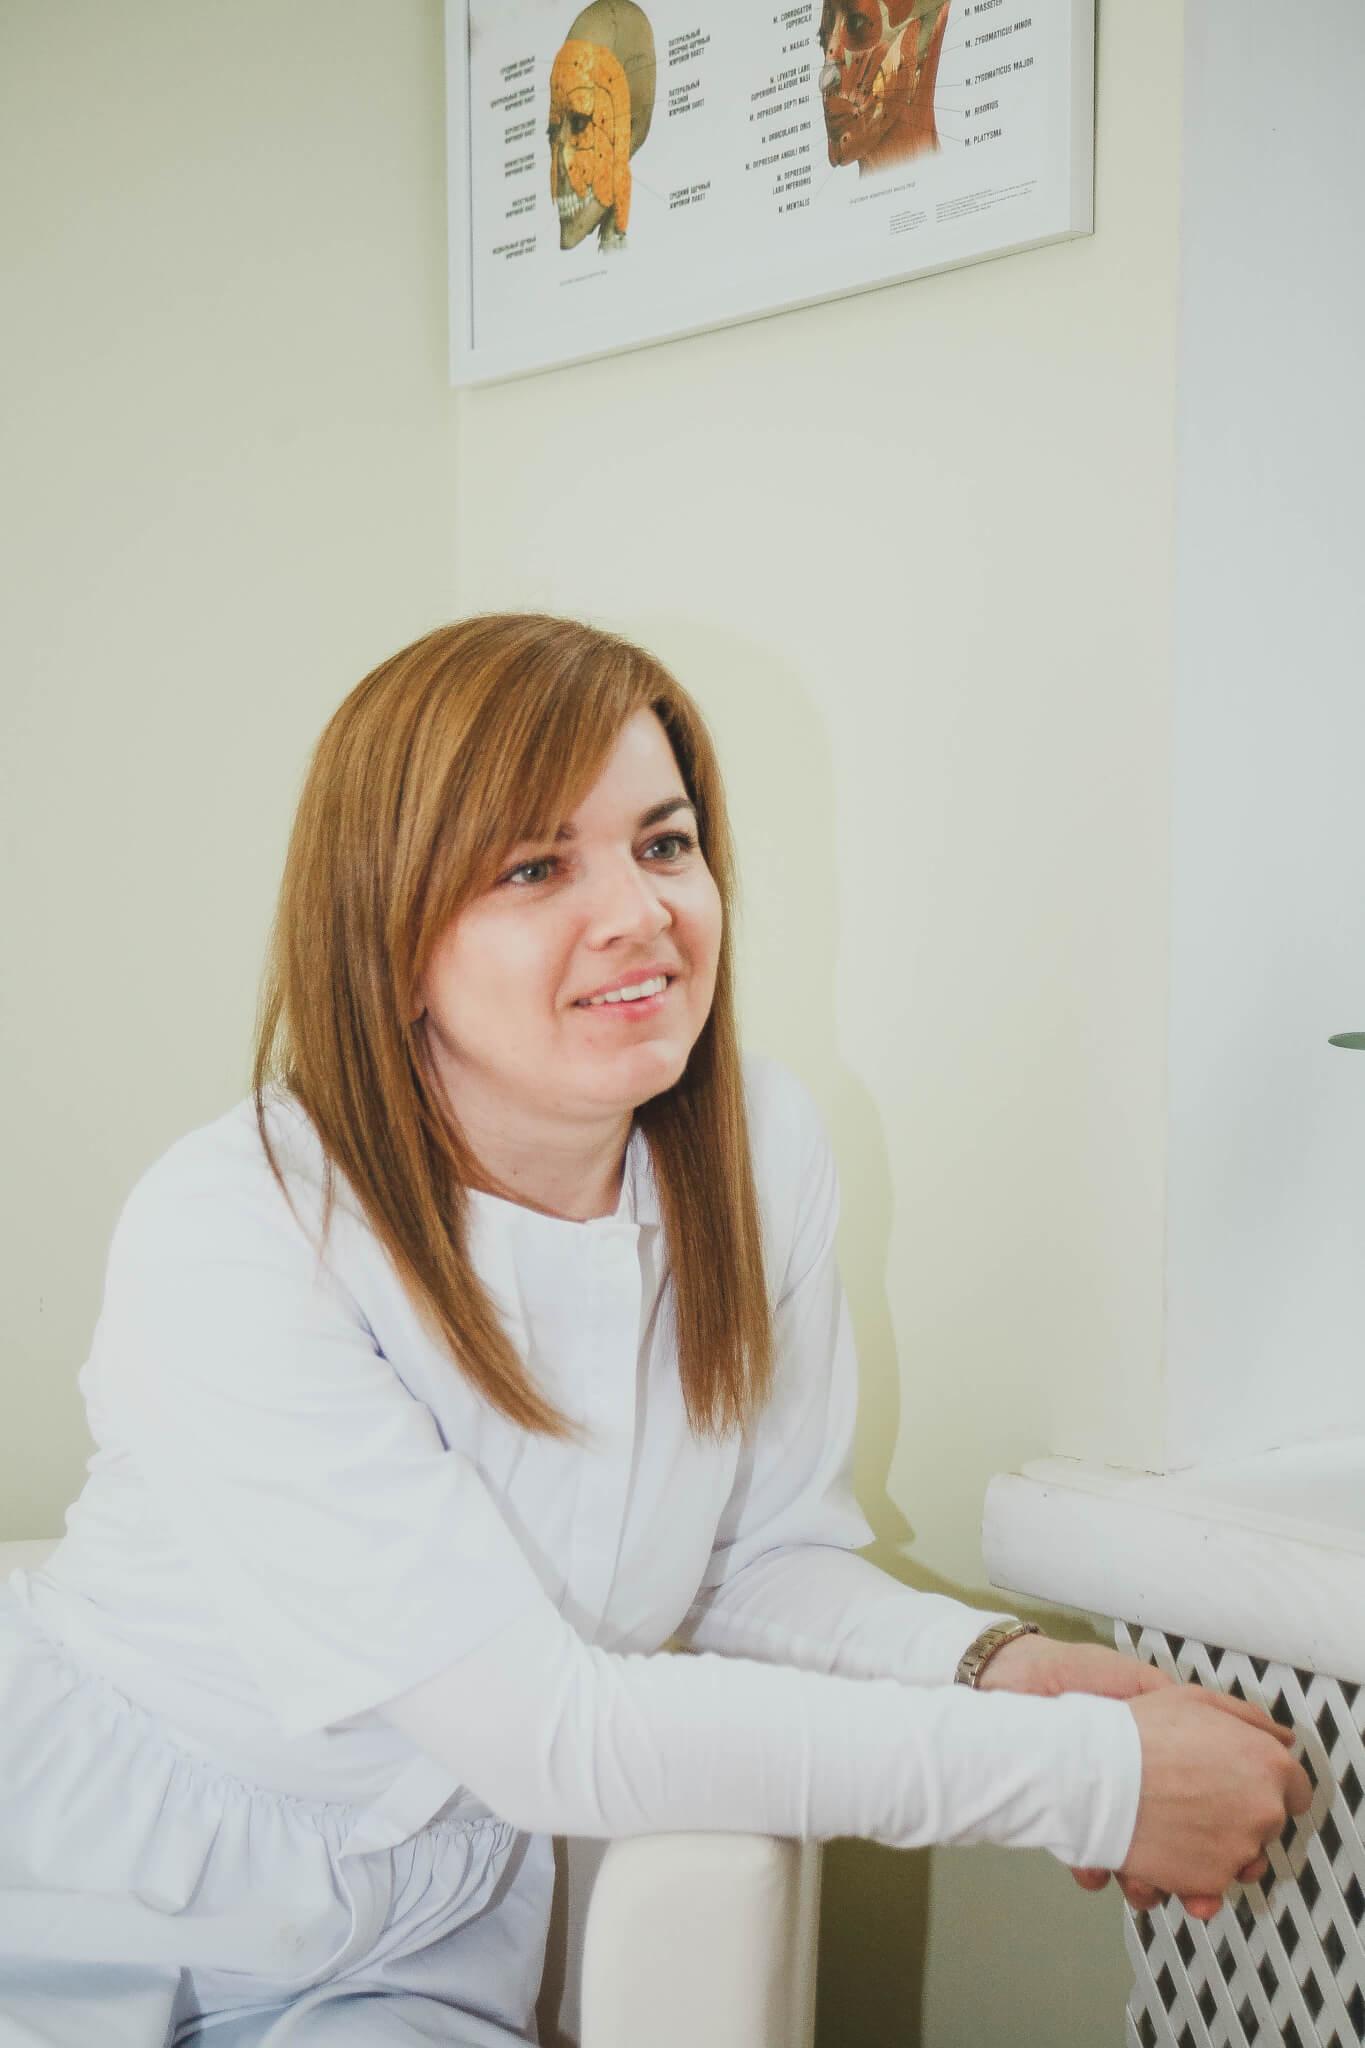 Красивими бути просто: Христина Грицьків про правильний догляд за обличчям та причини нездорової шкіри